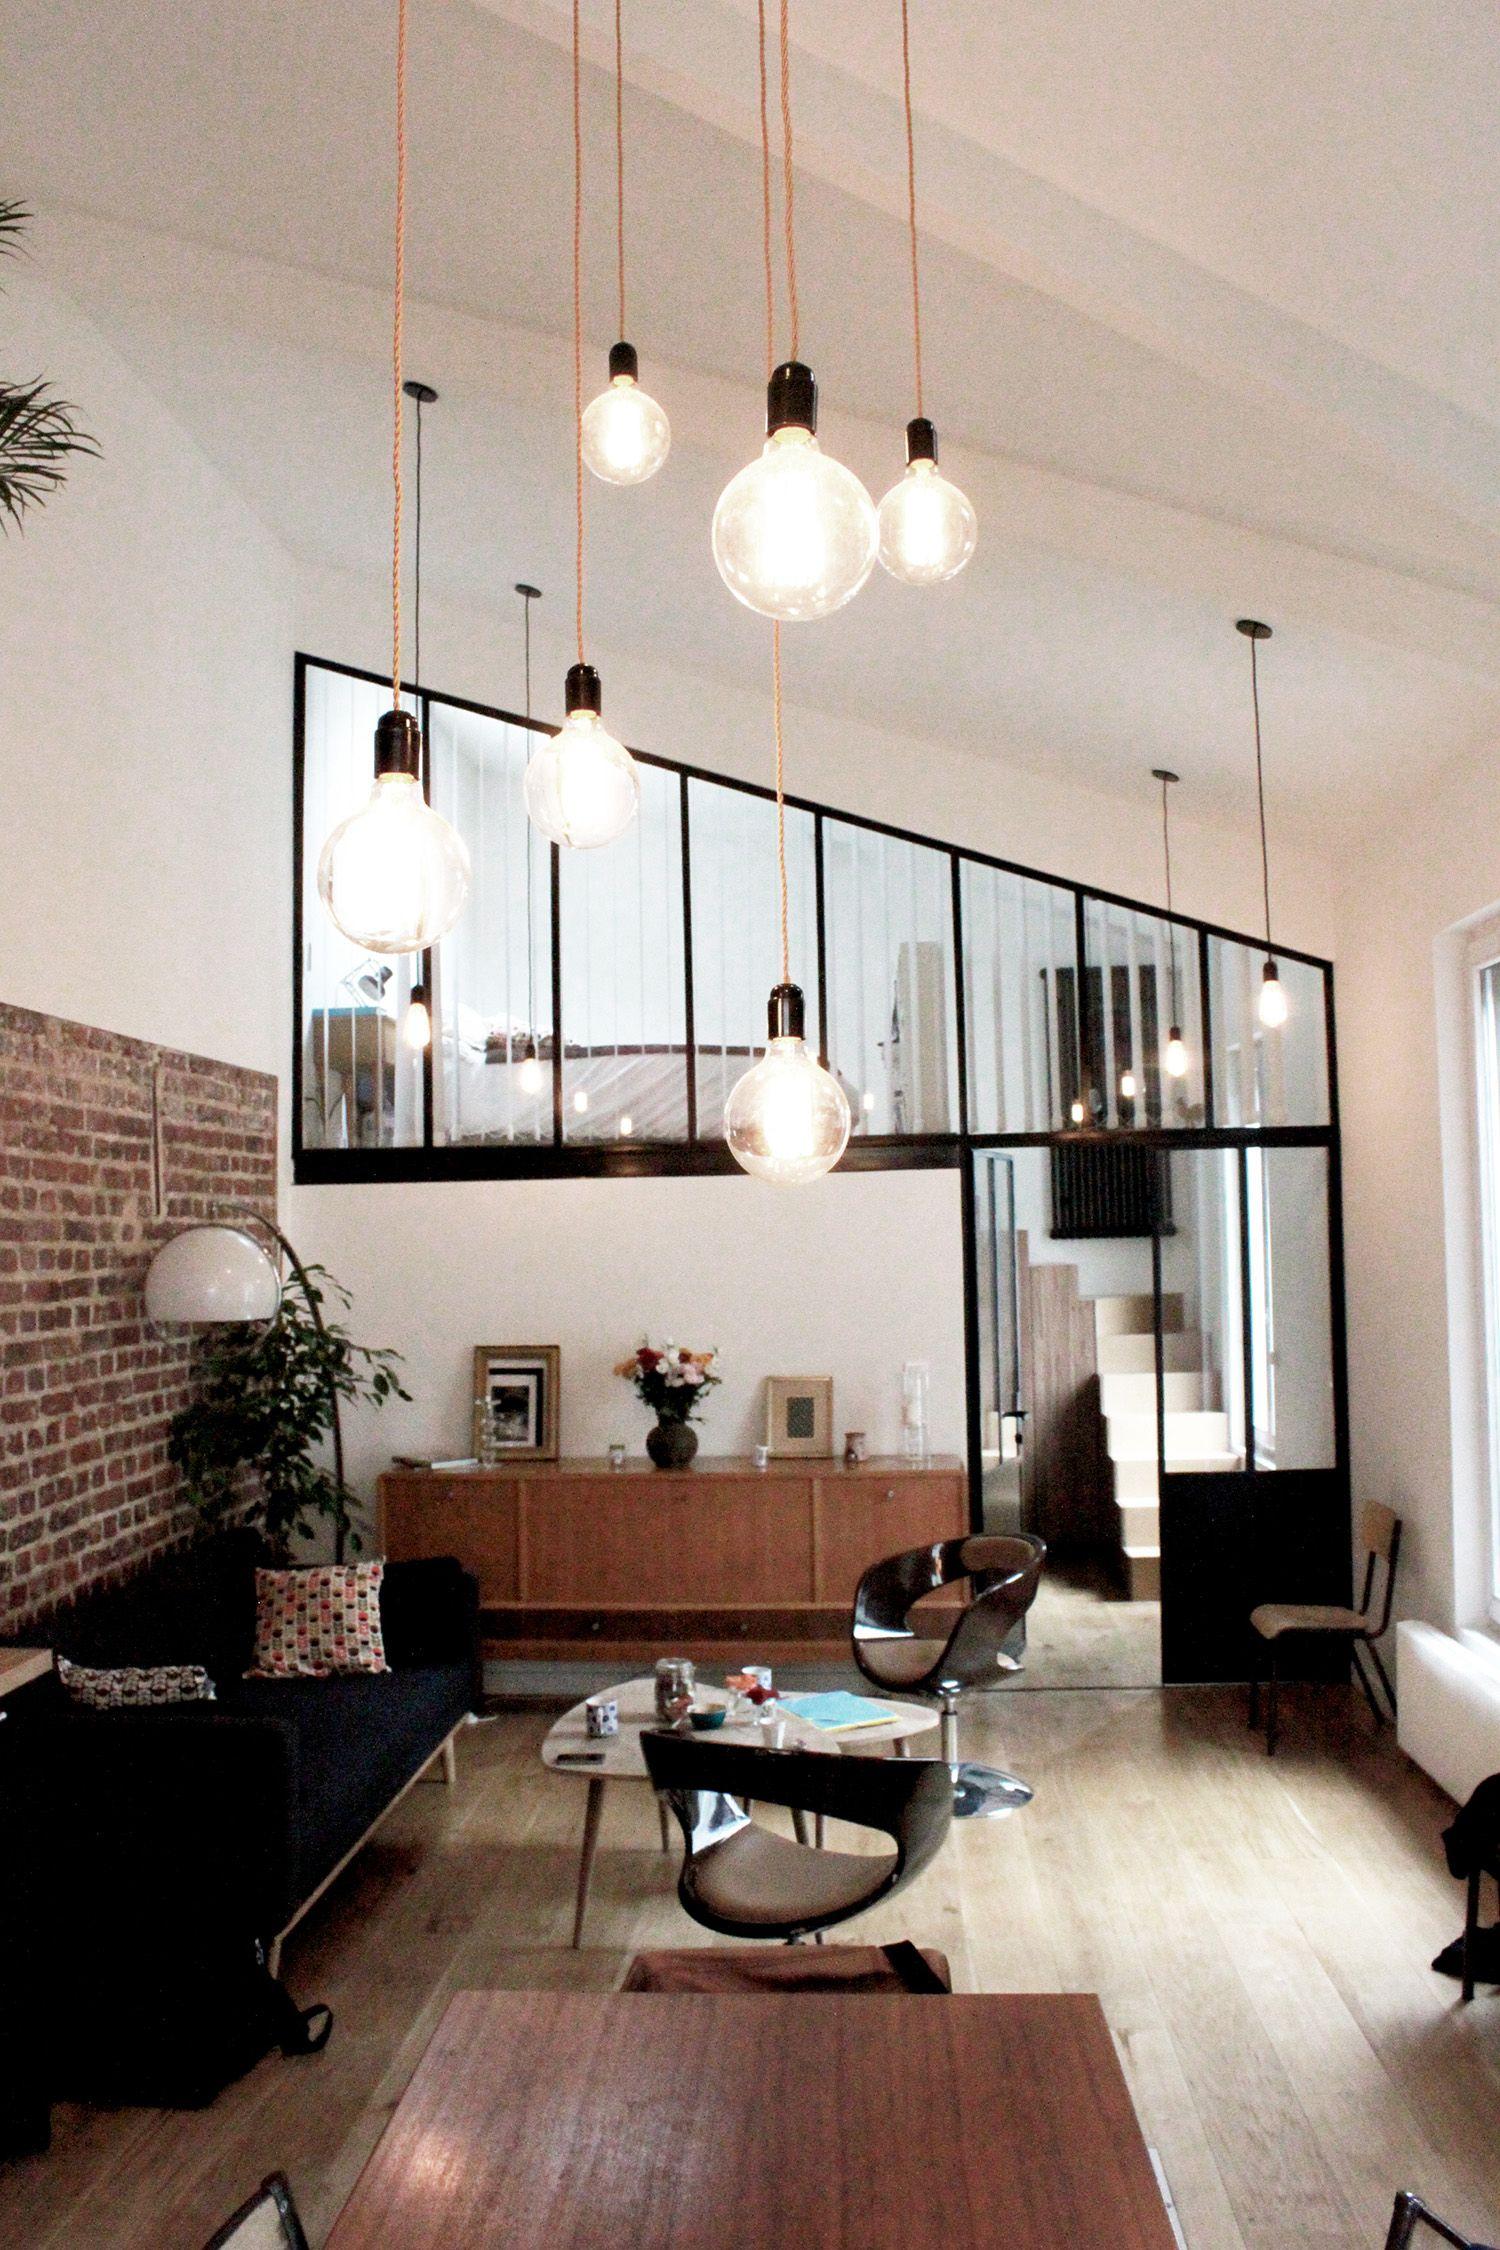 Maison Puces De Saint Ouen Studio Riccardo Haiat Ku Apartment